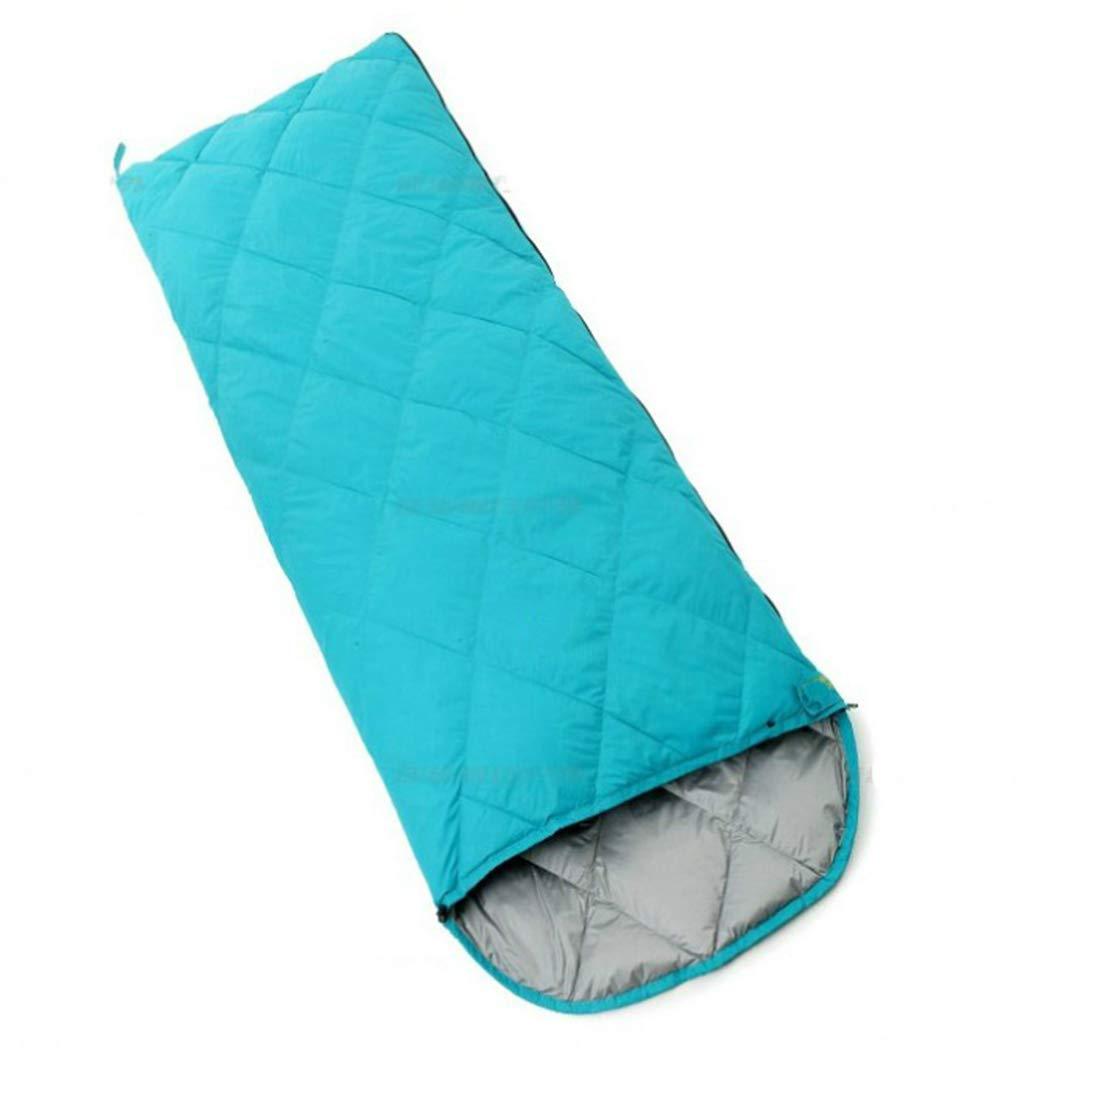 Jhcpca 封筒型 軽量 持ちやすい ポータブル 大人用寝袋 夏、春、秋に対応 (Color : レッド, サイズ : 700g) B07KT781PR オレンジ 800g 800g|オレンジ